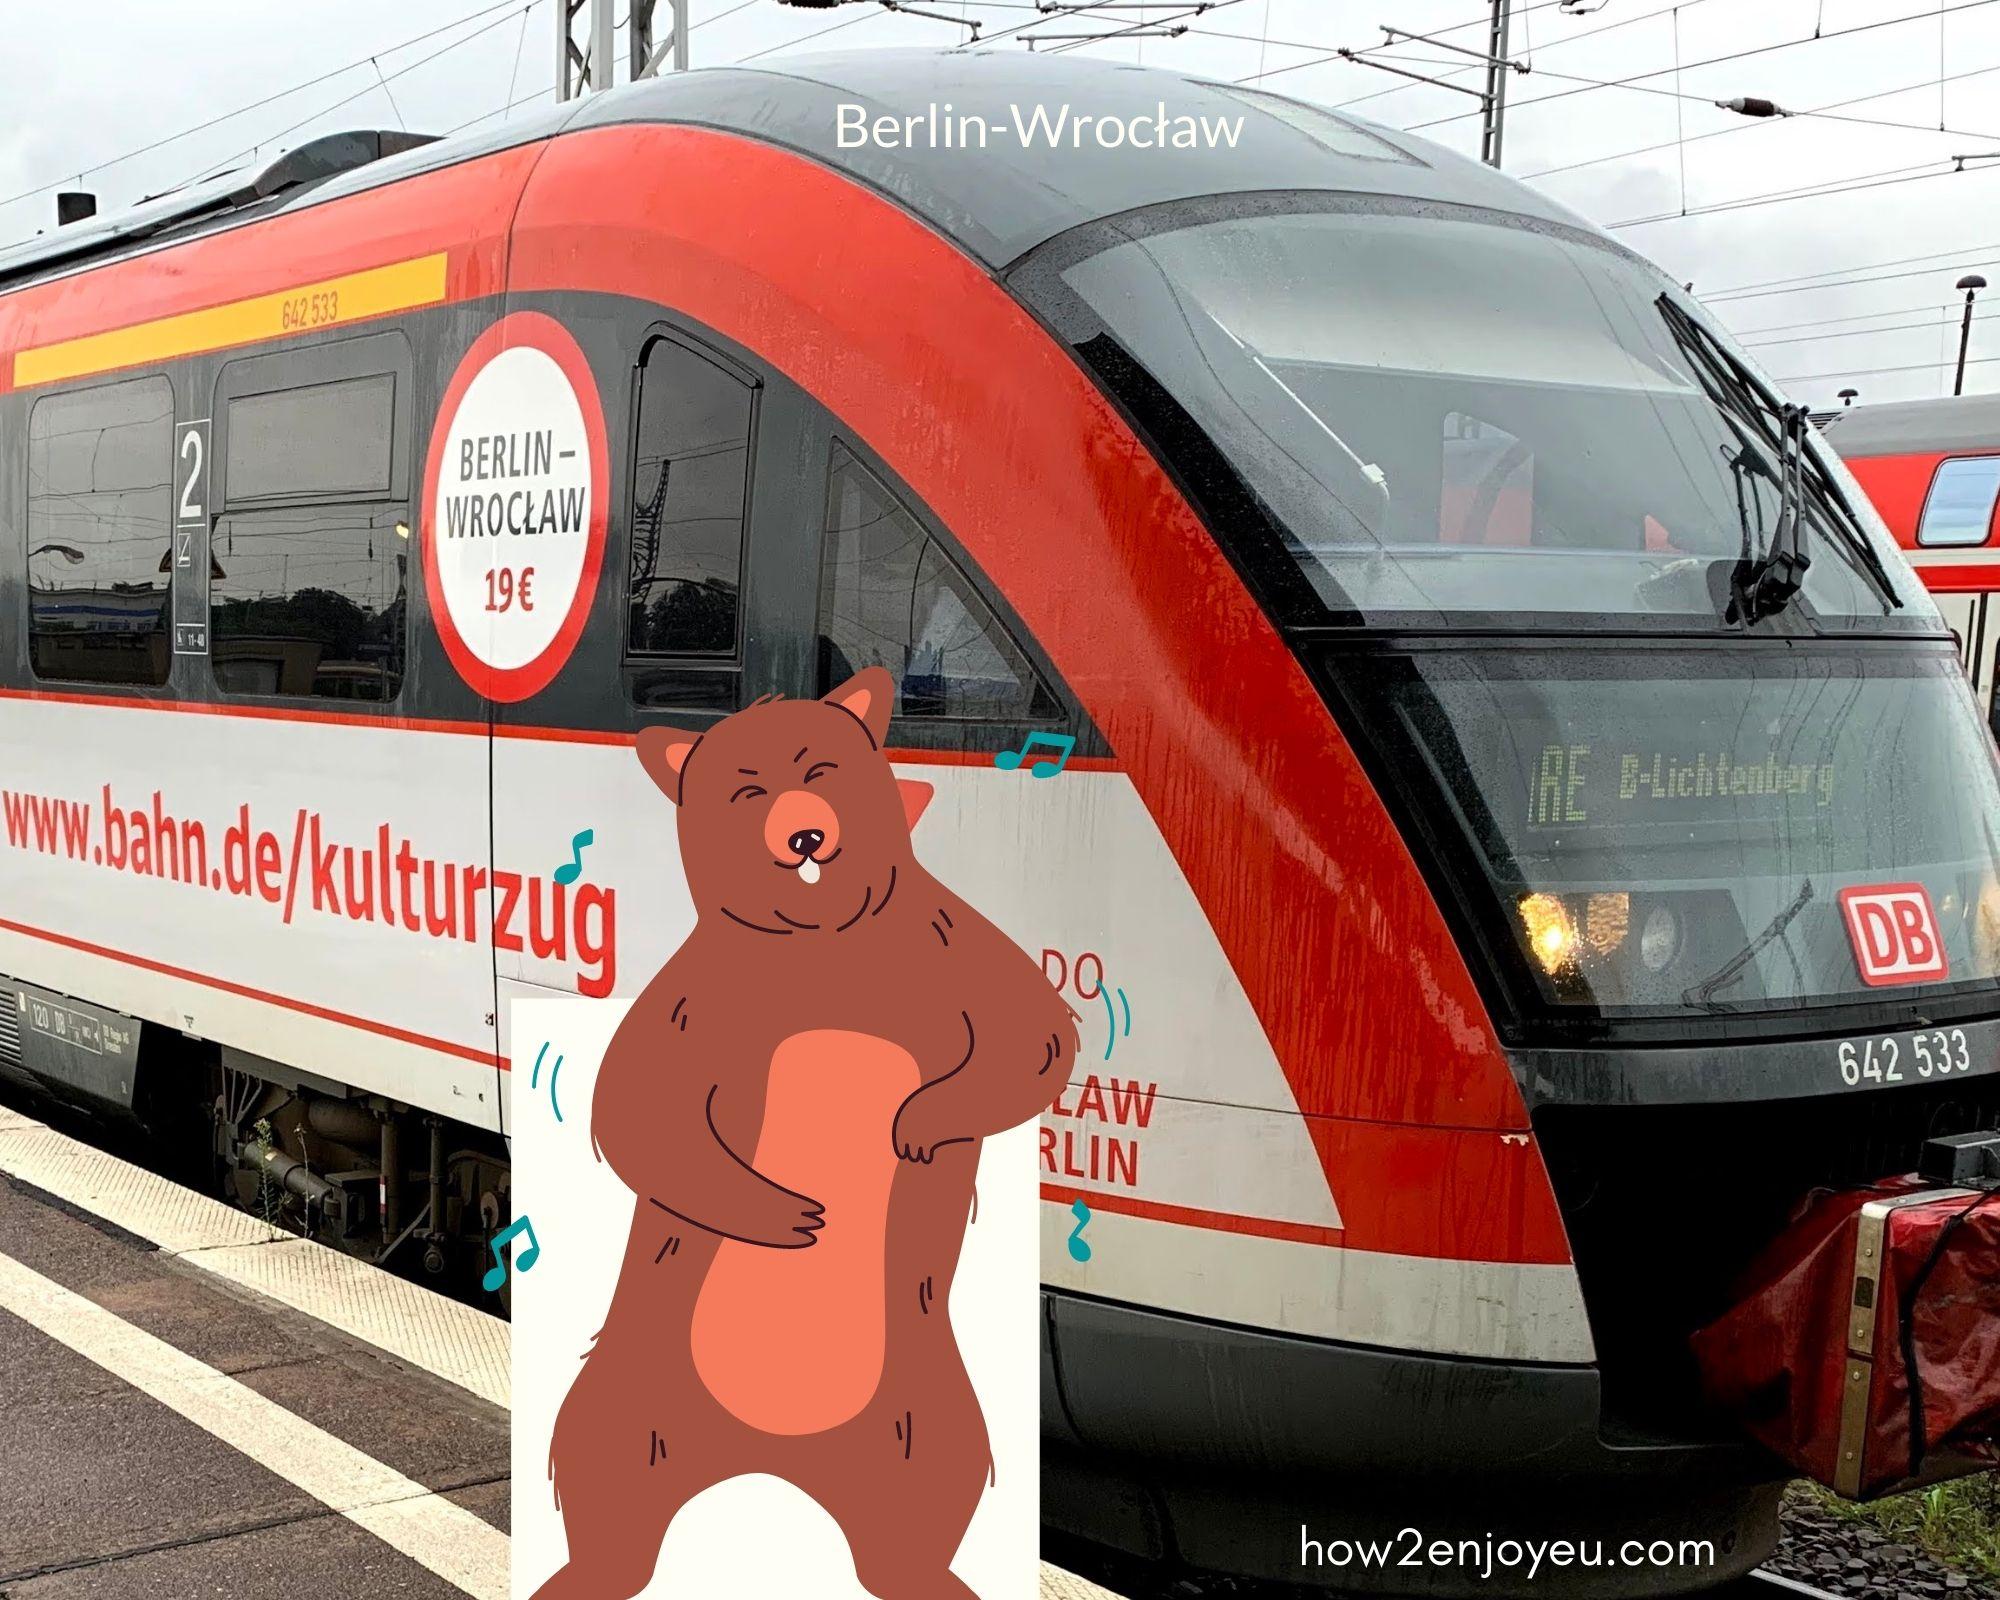 ベルリンからポーランドへ電車の旅、ヴロツワフ行きのクルトゥアーツーク